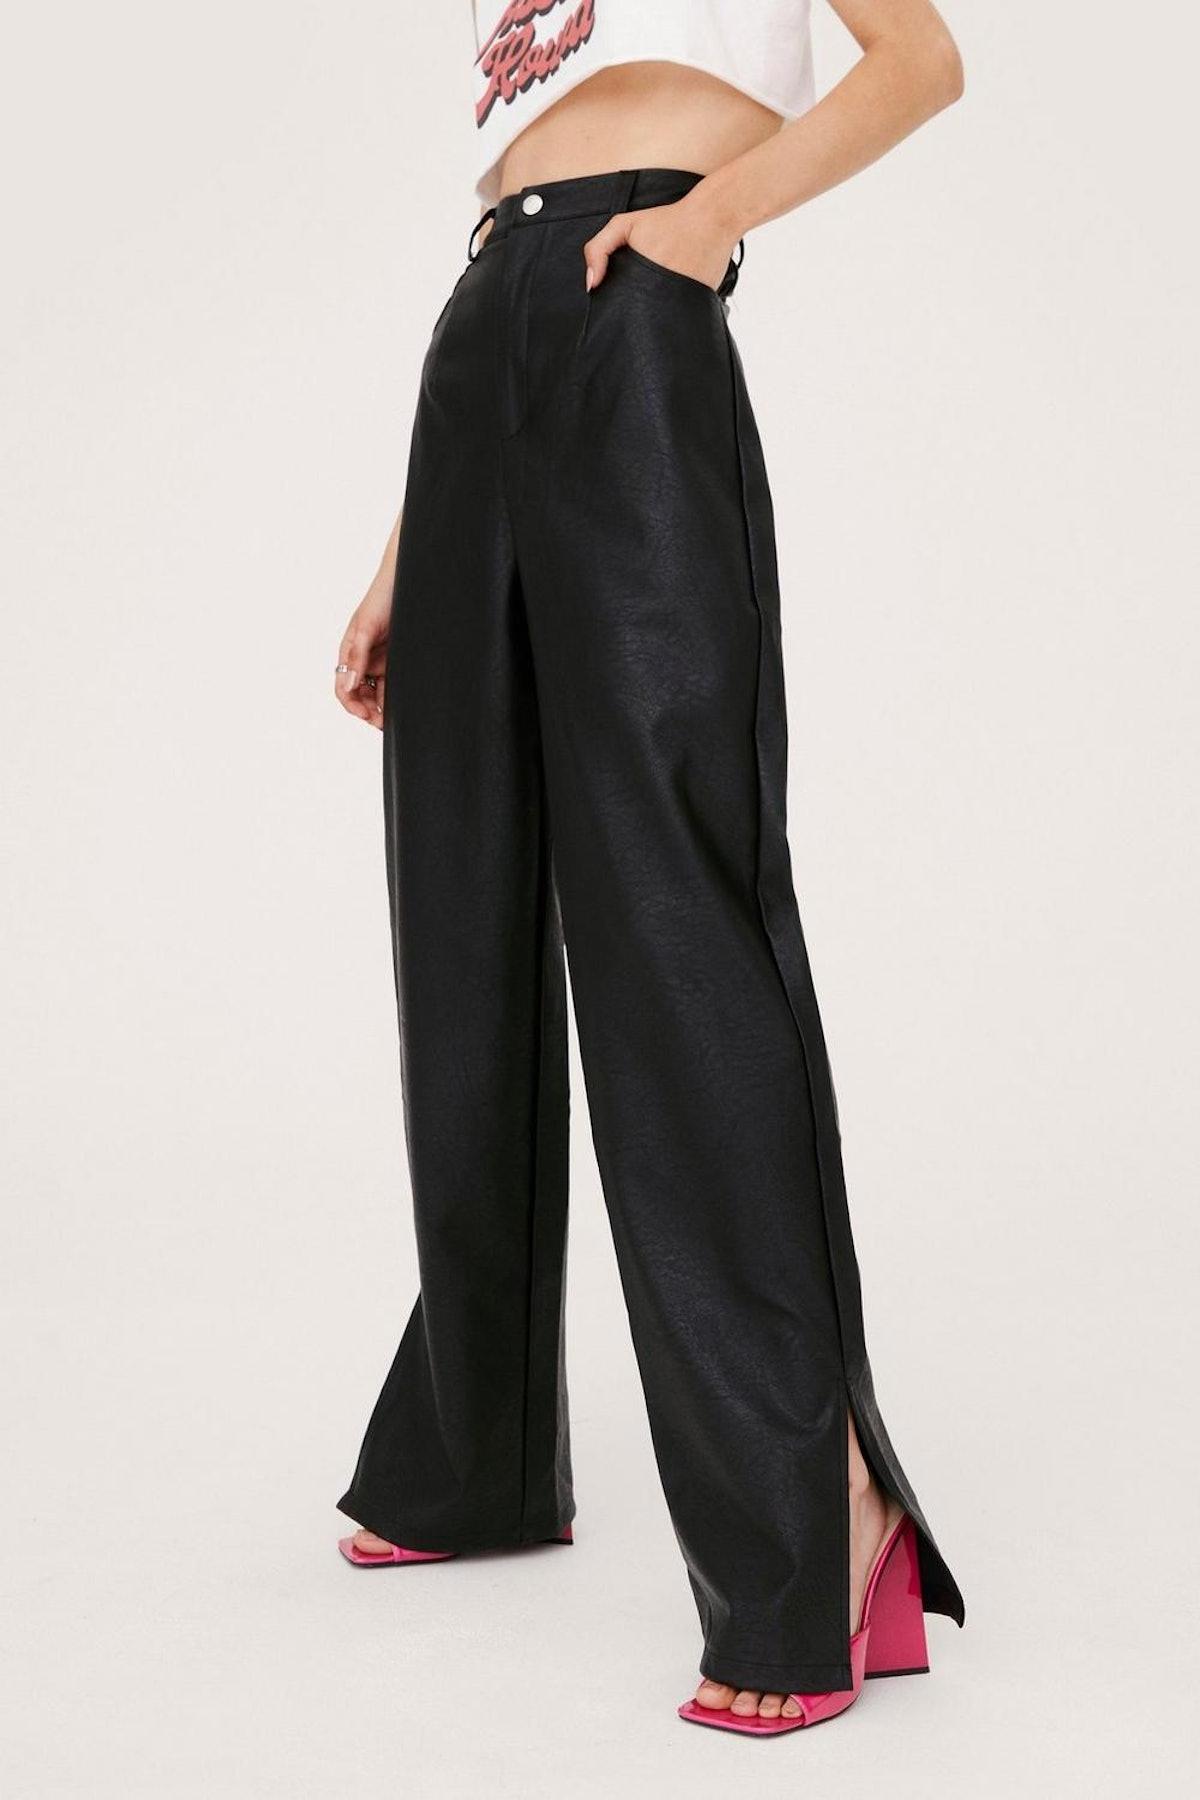 Nasty Gal x Tayce Faux Leather Split Hem Wide Leg Pants